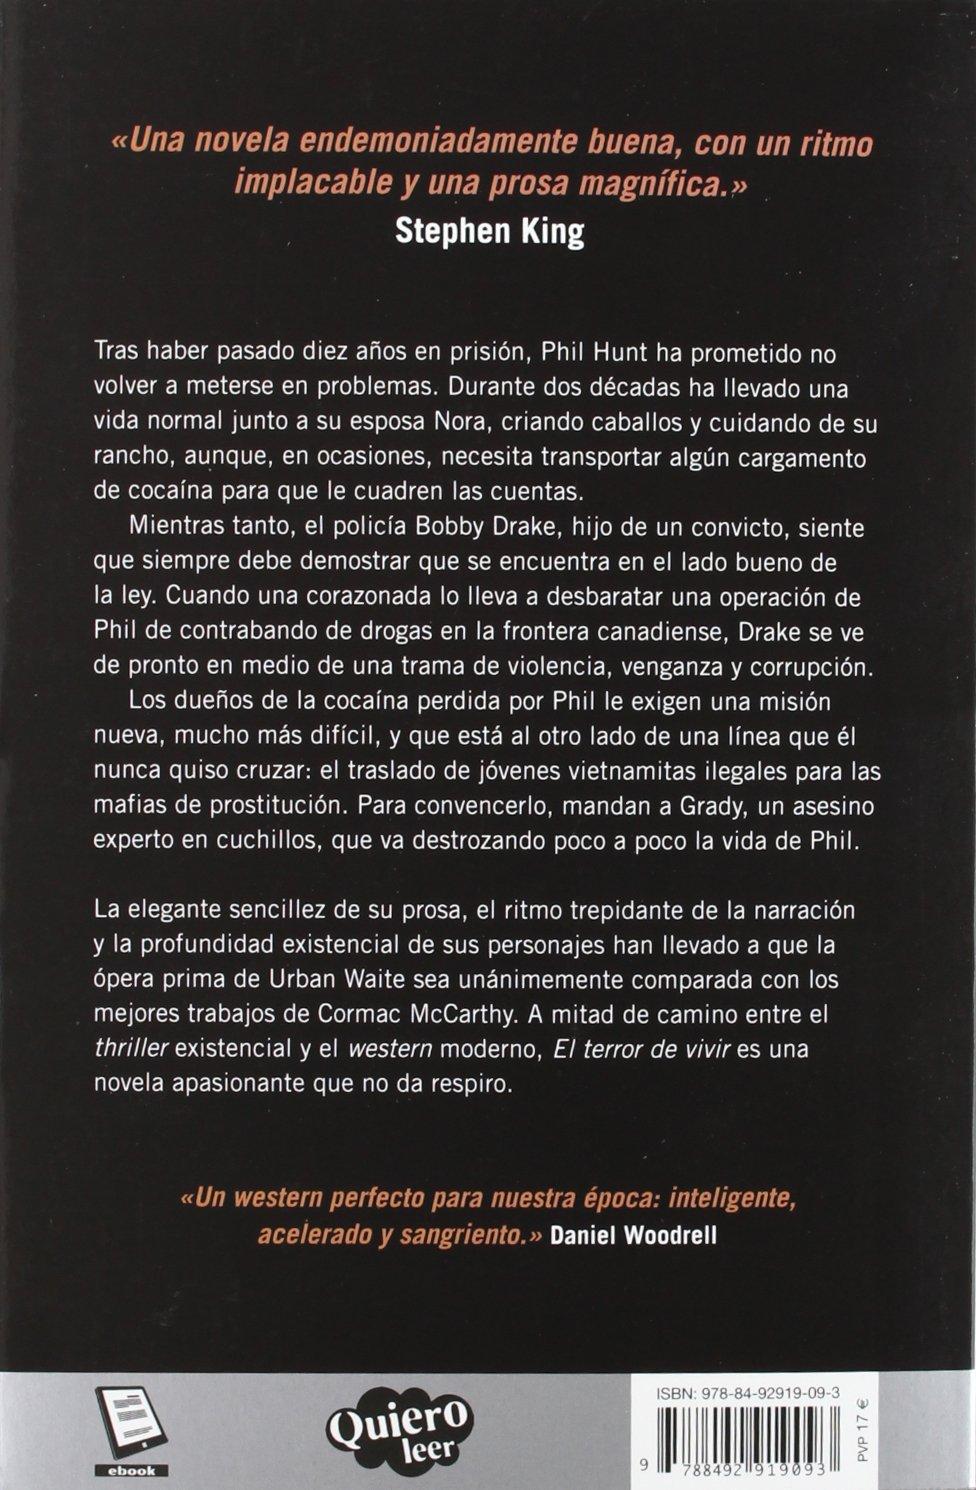 El terror de vivir (Spanish Edition): Urban Waite: 9788492919093:  Amazon.com: Books